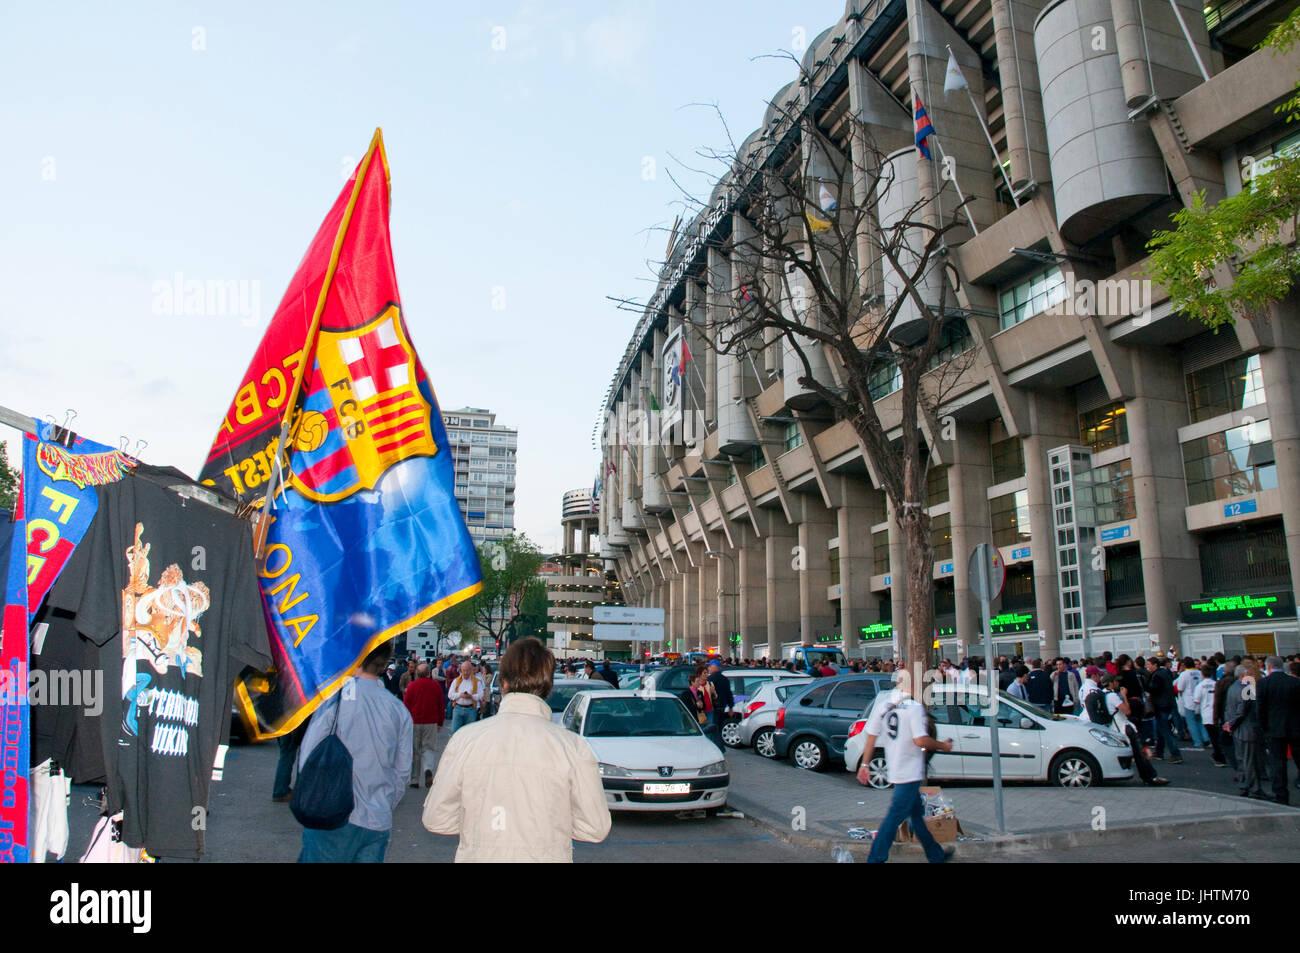 Atmosphäre vor dem Fußballspiel Real Madrid-Barcelona. Santiago-Bernabéu-Stadion, Madrid, Spanien. Stockbild